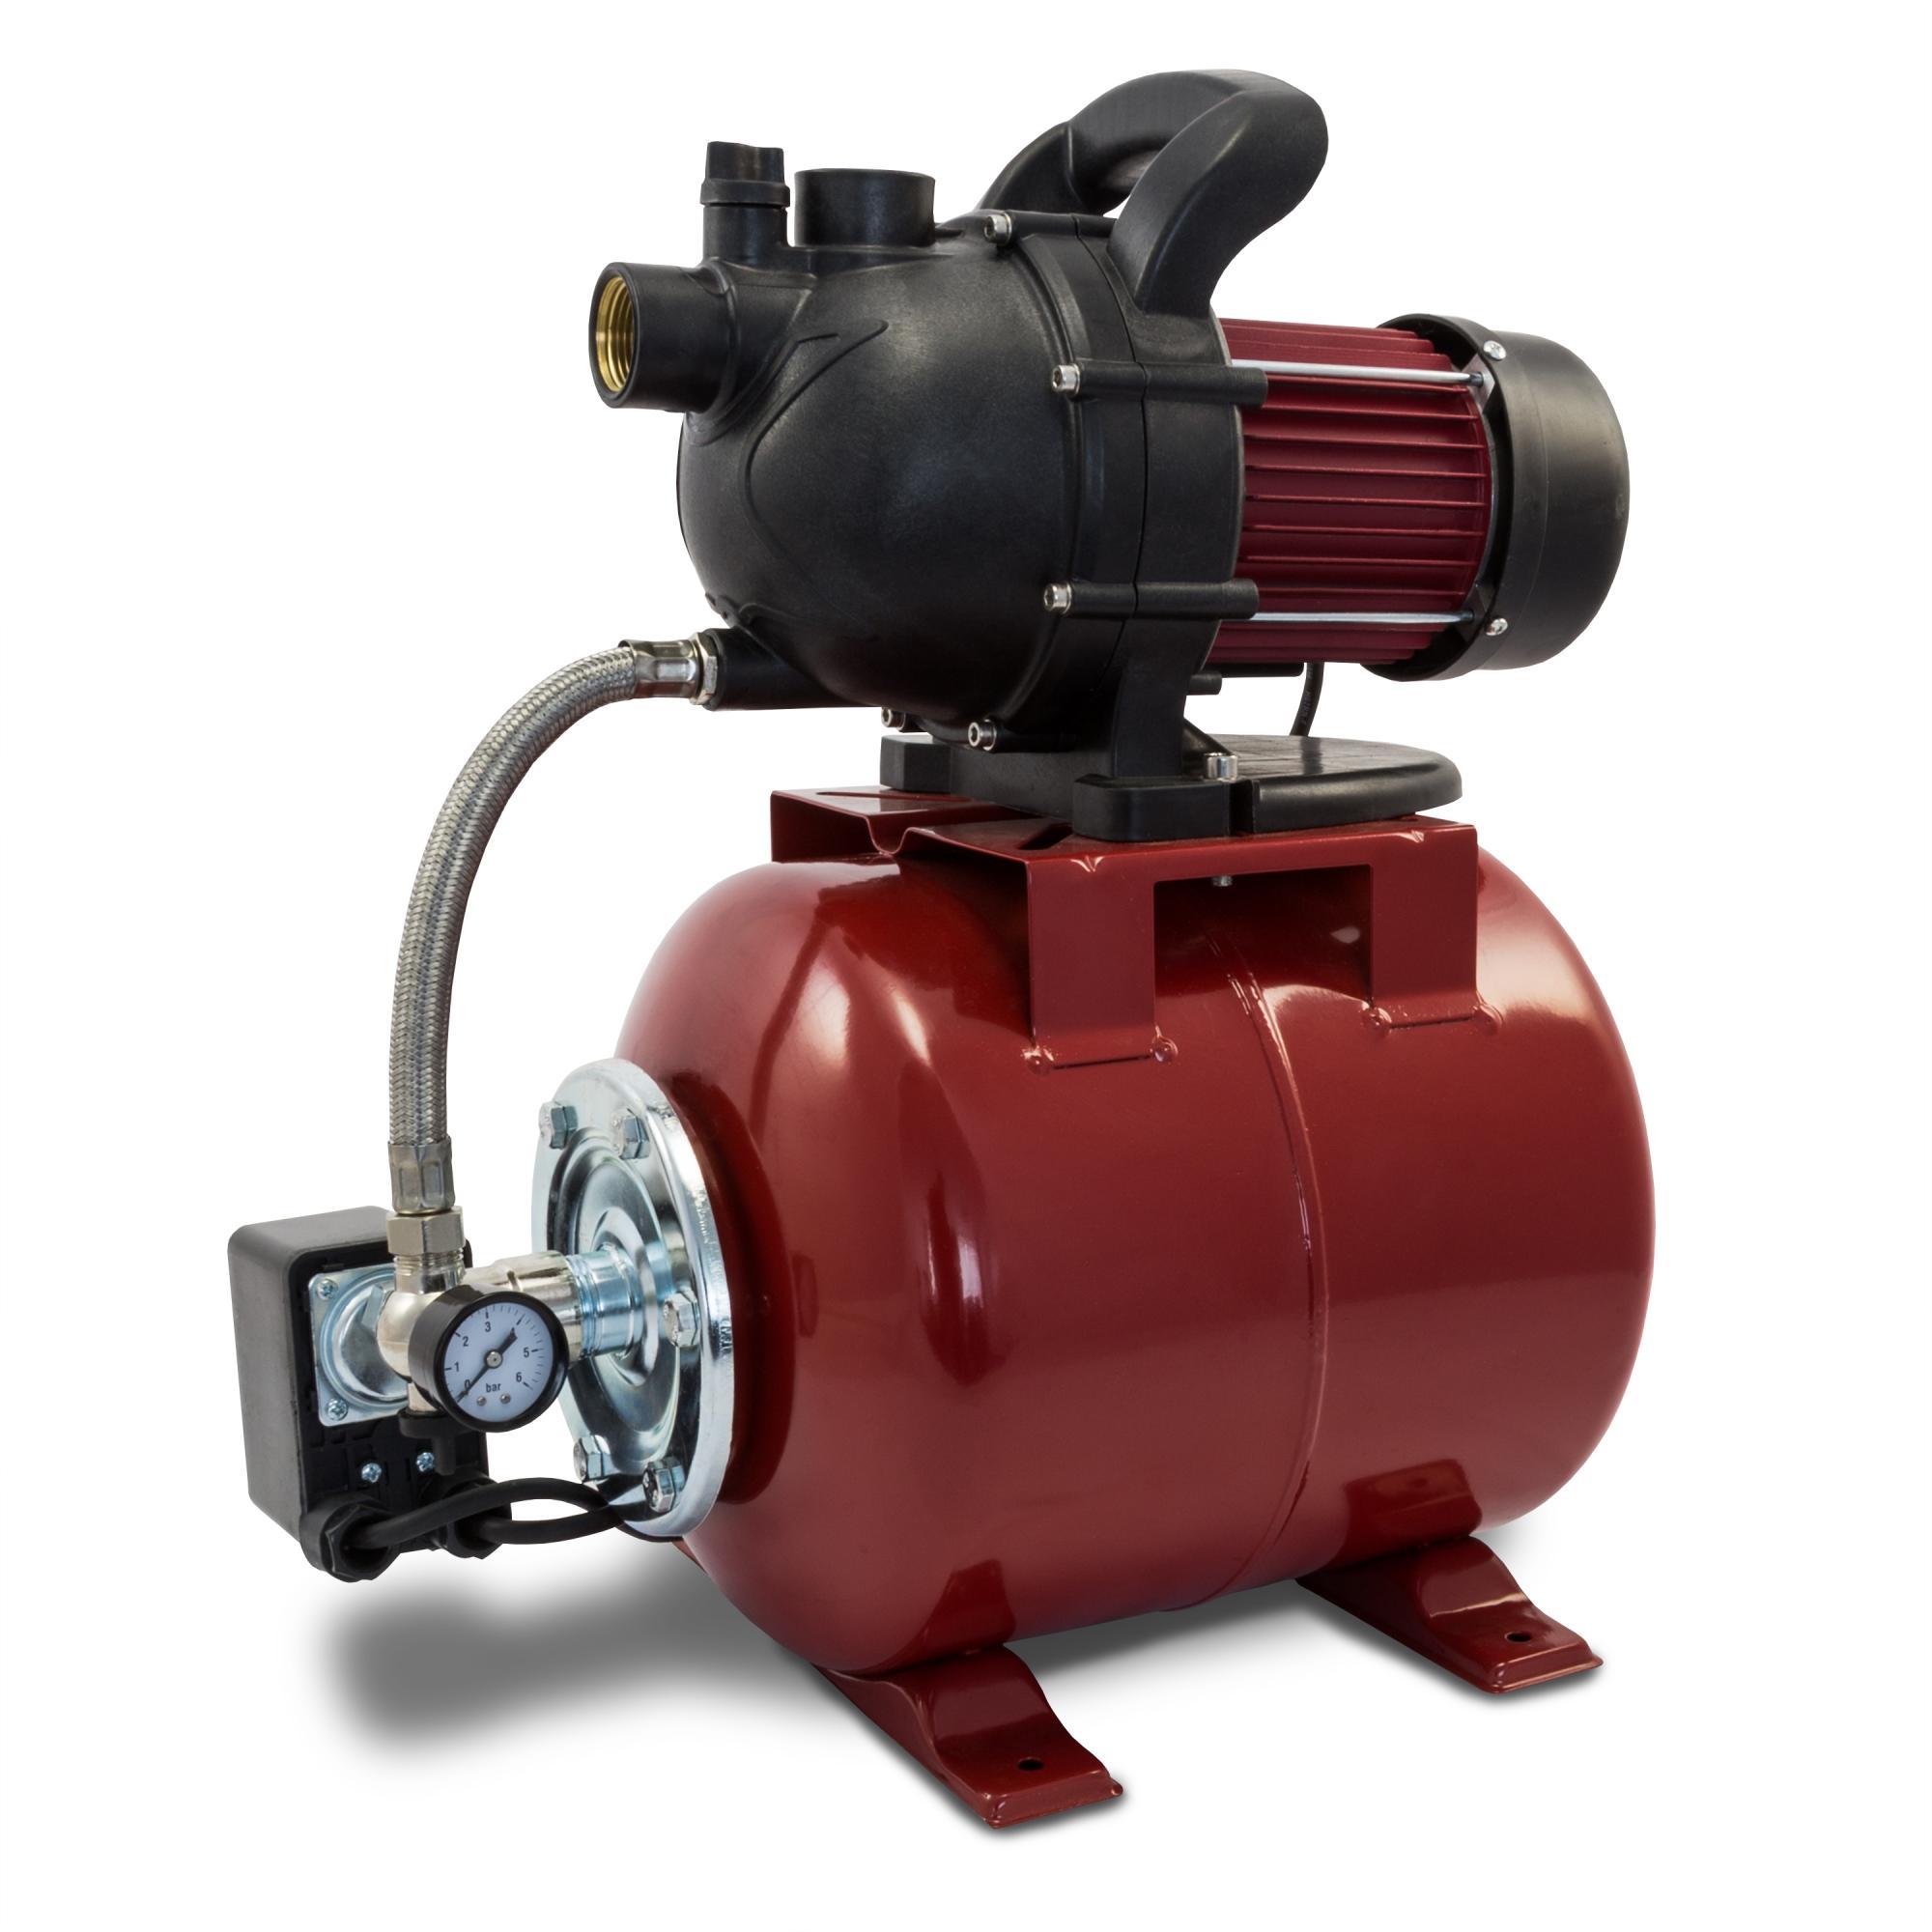 1000 watt hauswasserwerk 3500 l h gartenpumpe wasserpumpe pumpe 44 meter 4260130117382 ebay. Black Bedroom Furniture Sets. Home Design Ideas